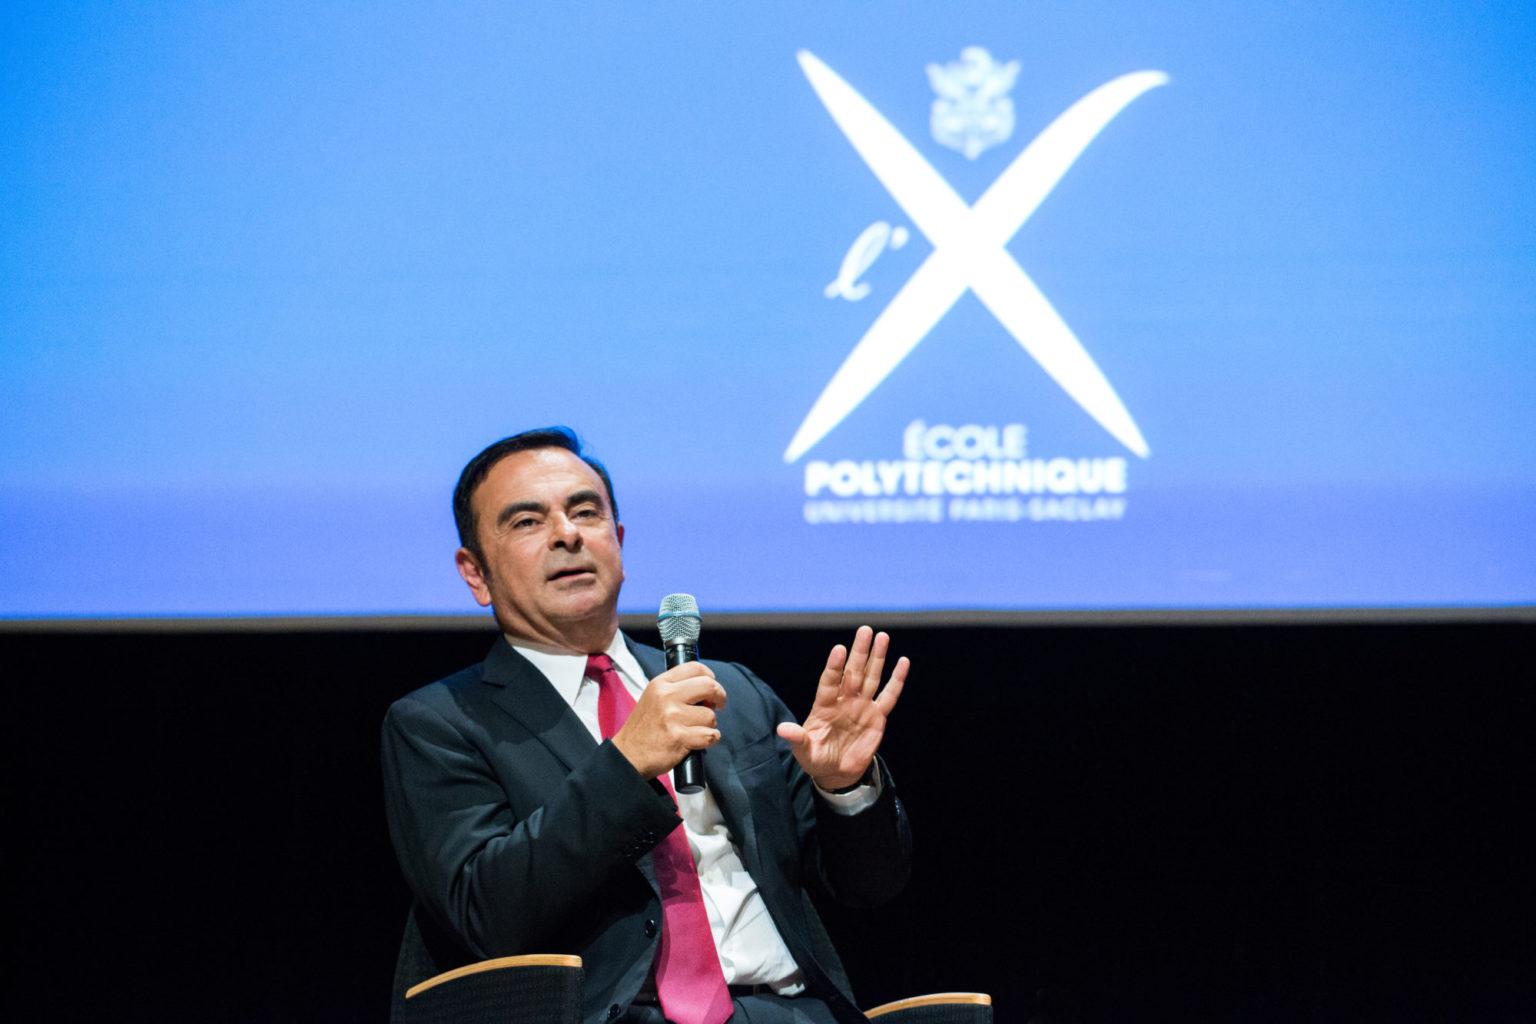 Conférence de Carlos Ghosn, président-directeur général de l'alliance Renault-Nissan, à l'école Polytechnique